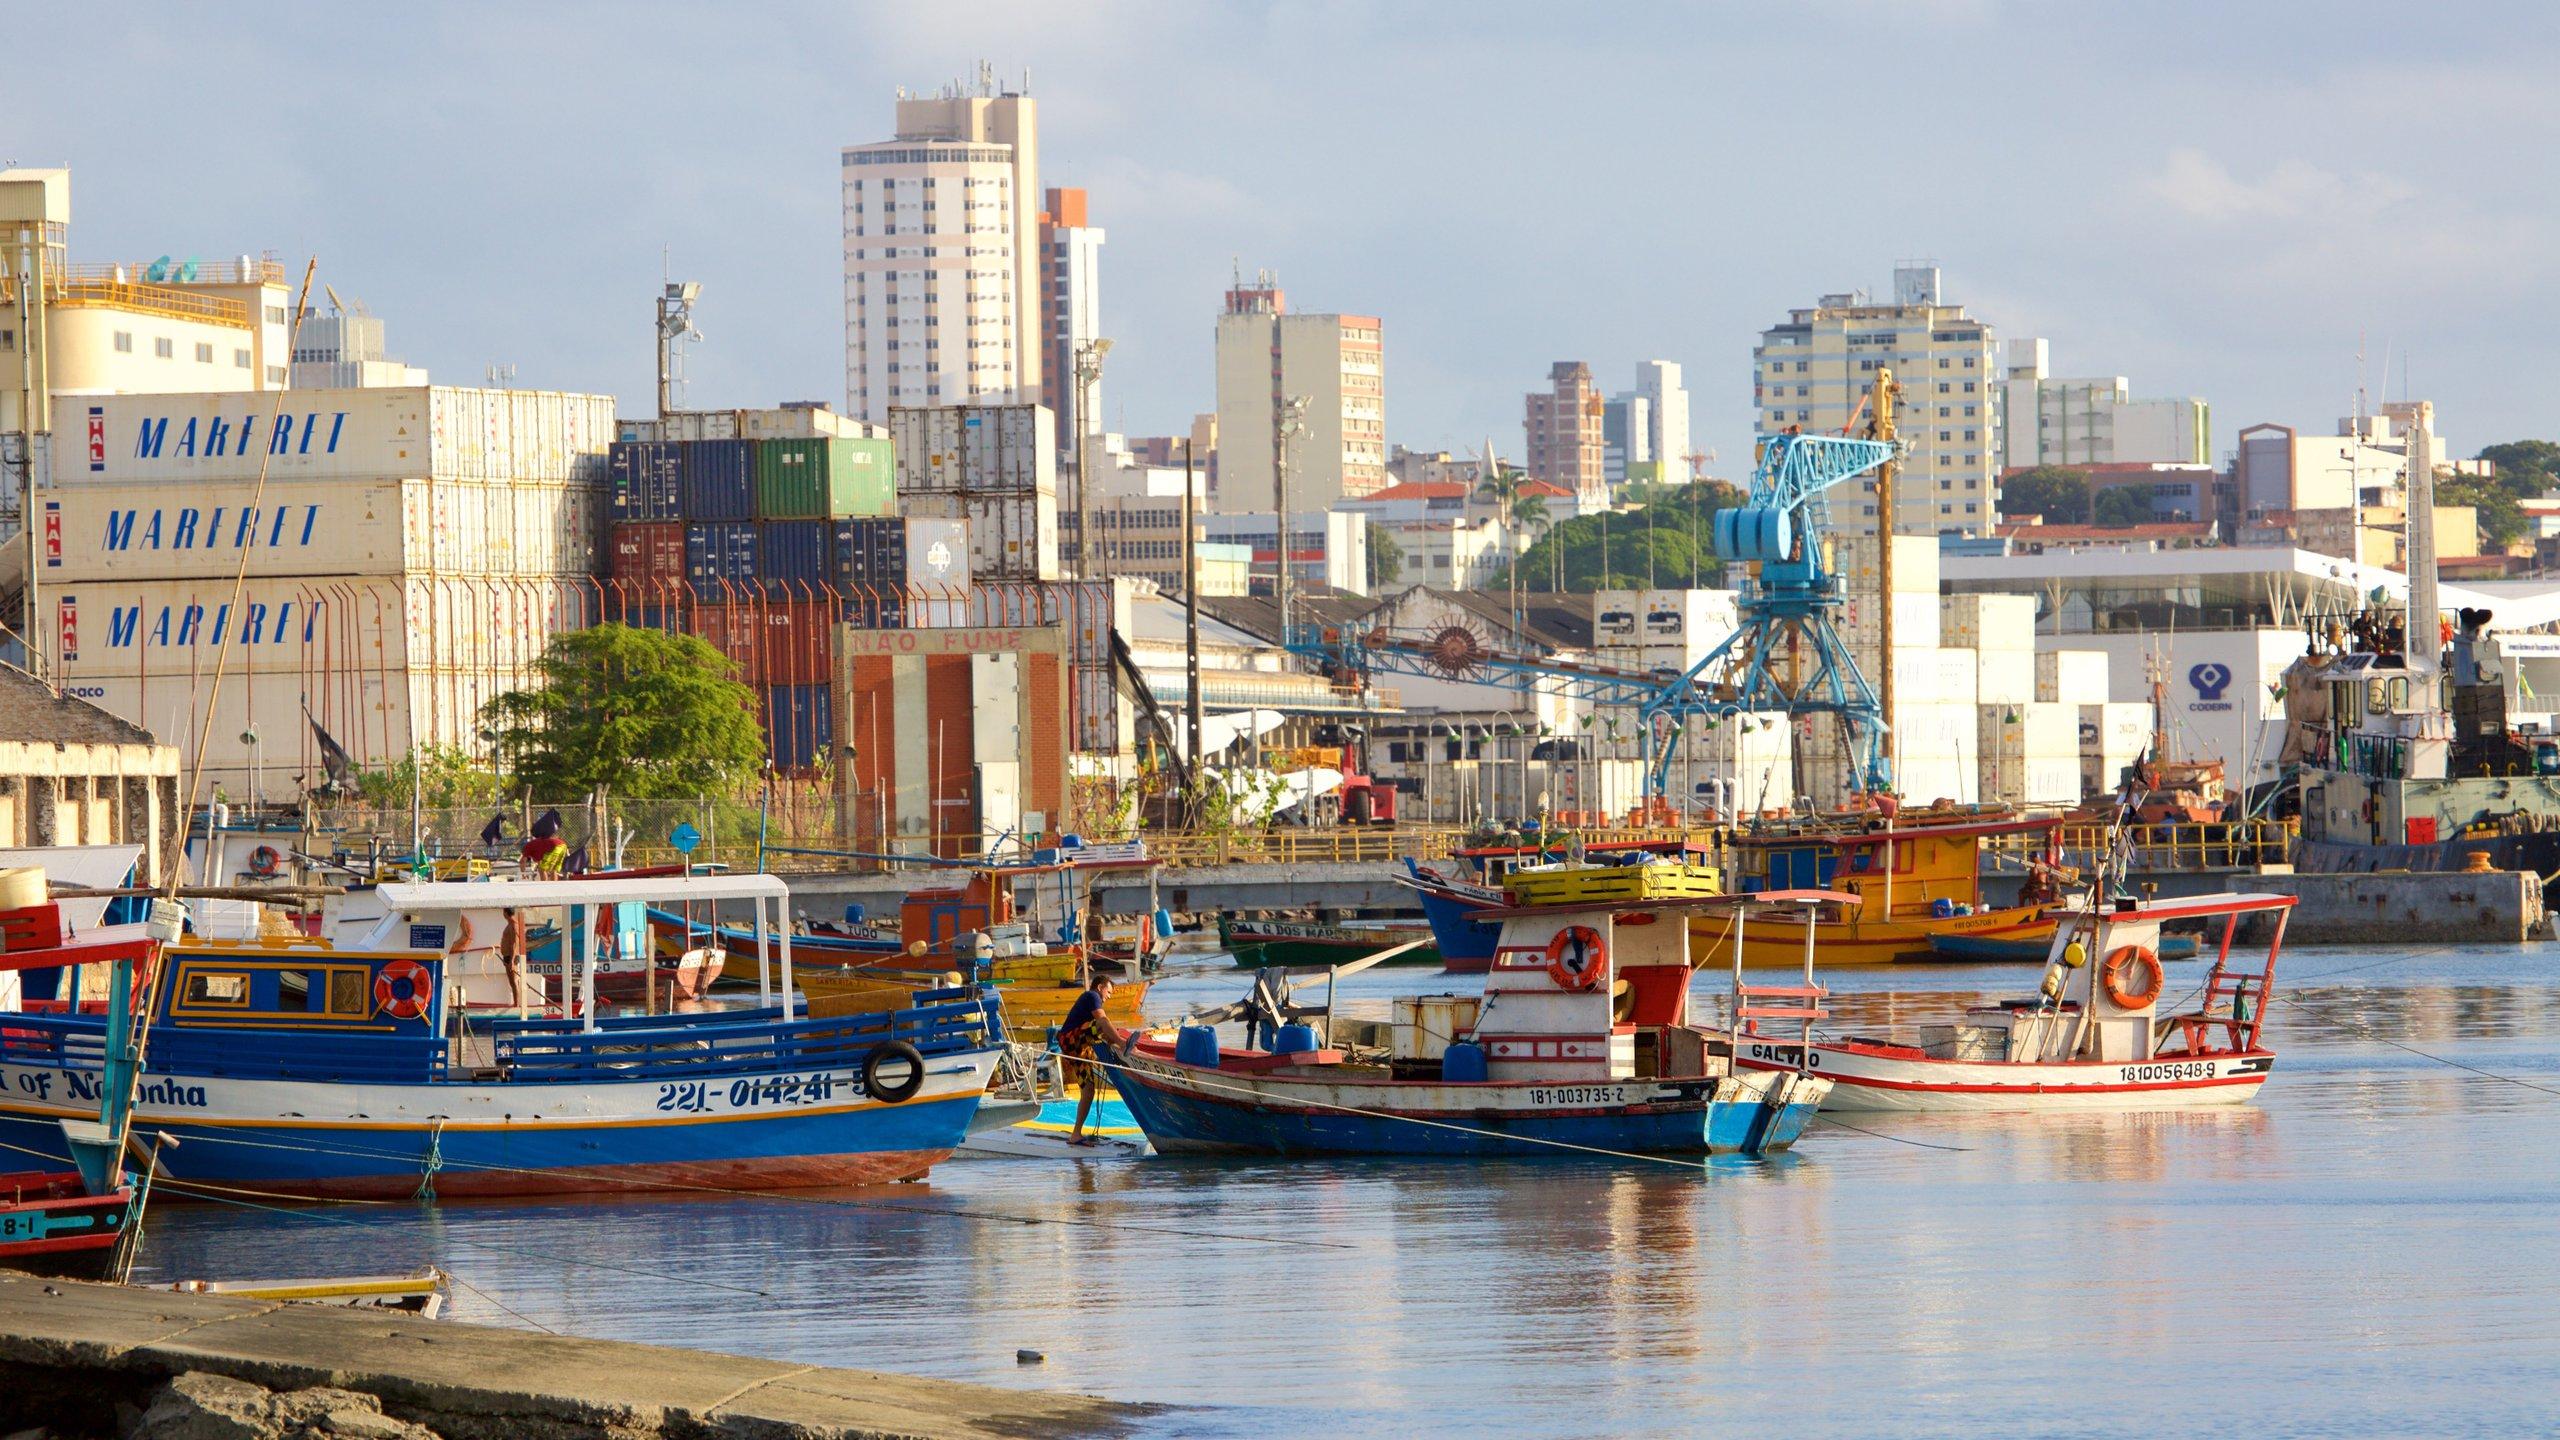 Rio Grande do Norte State, Brazil